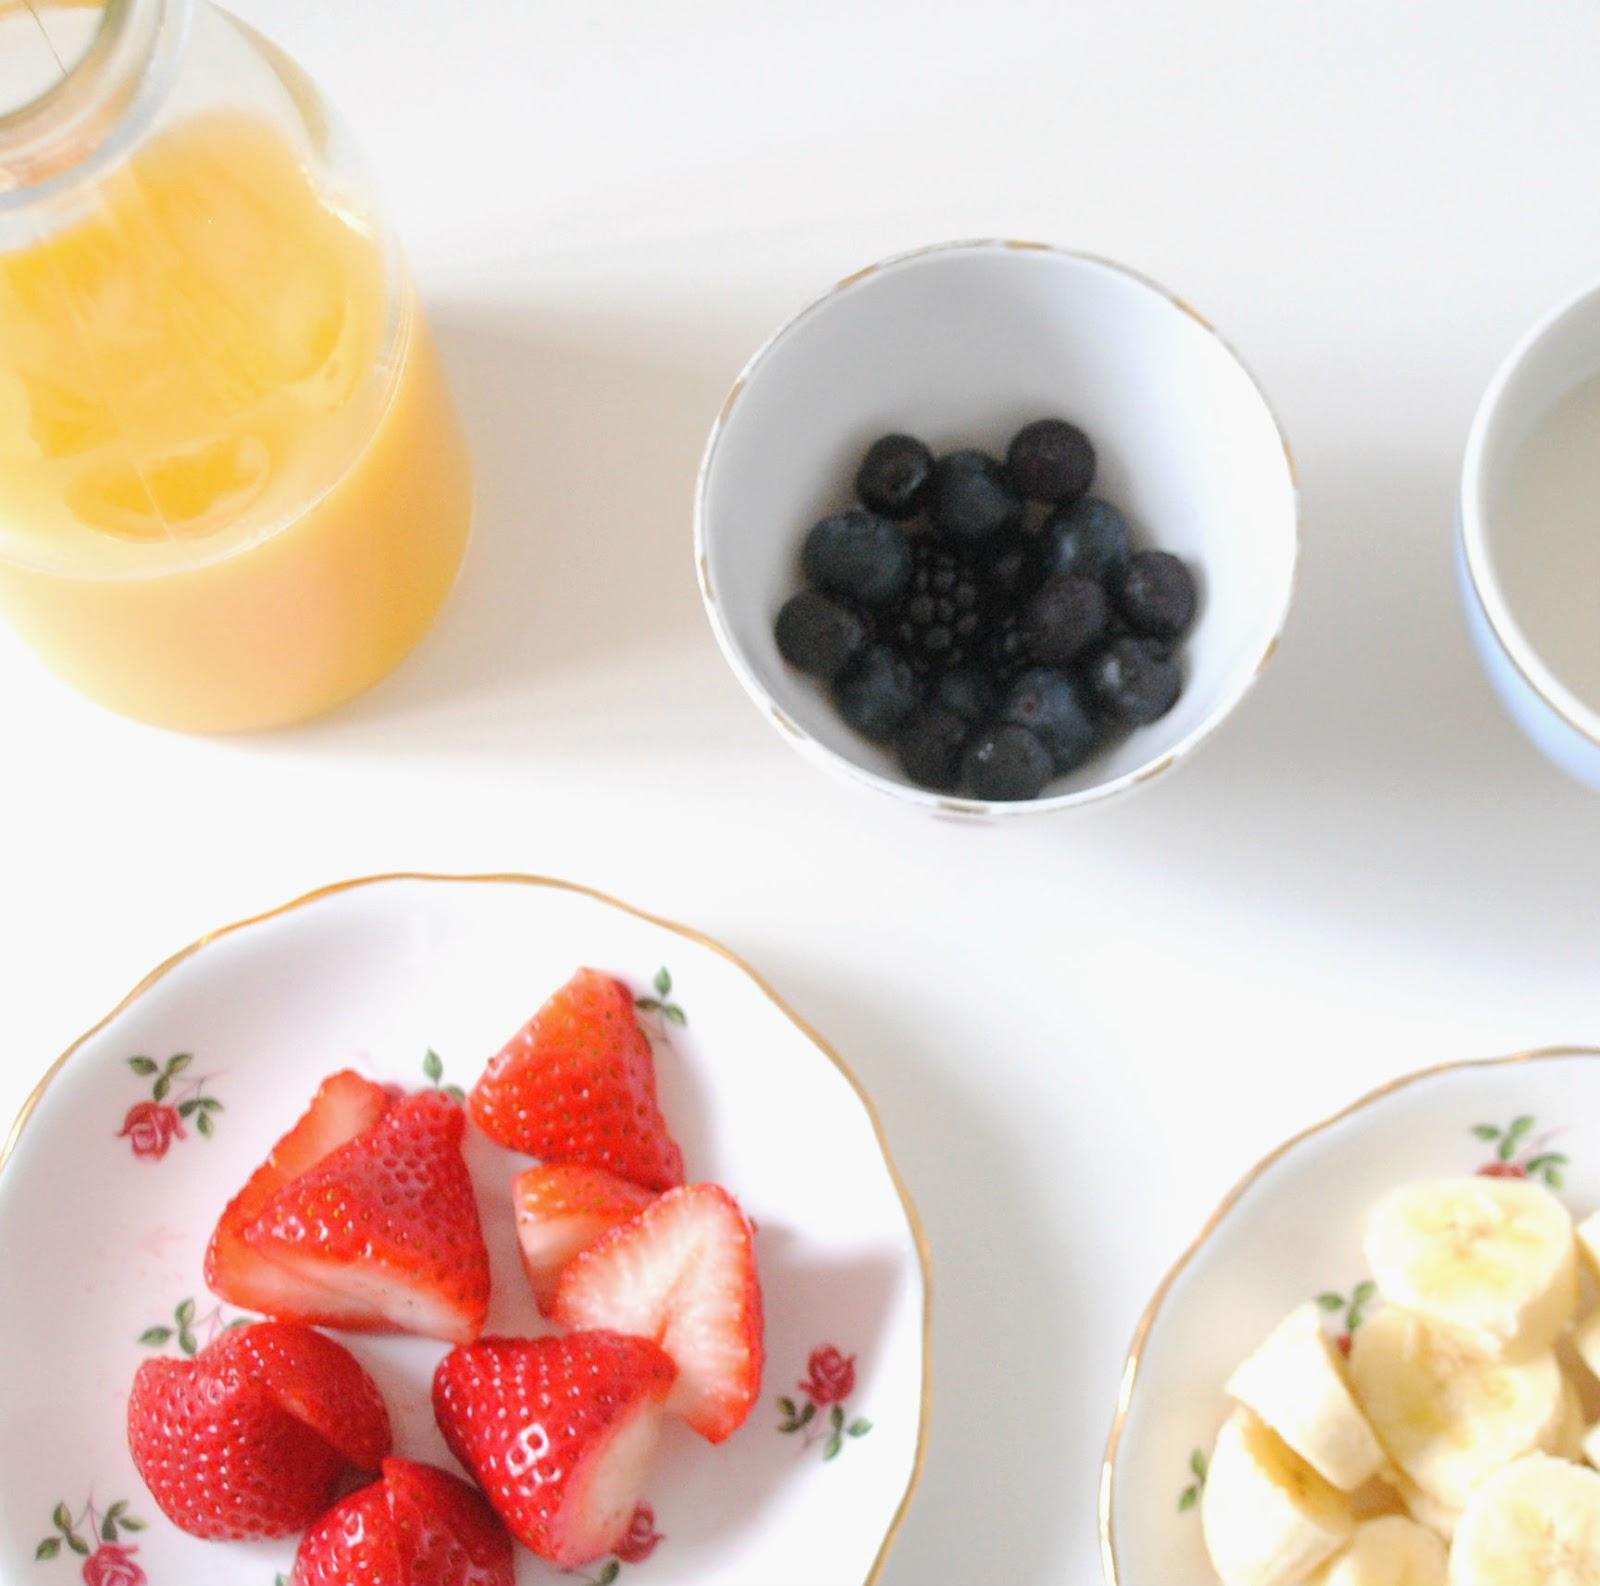 fresh fruit smoothie strawberries blueberries orange juice active blend blender healthy breakfast